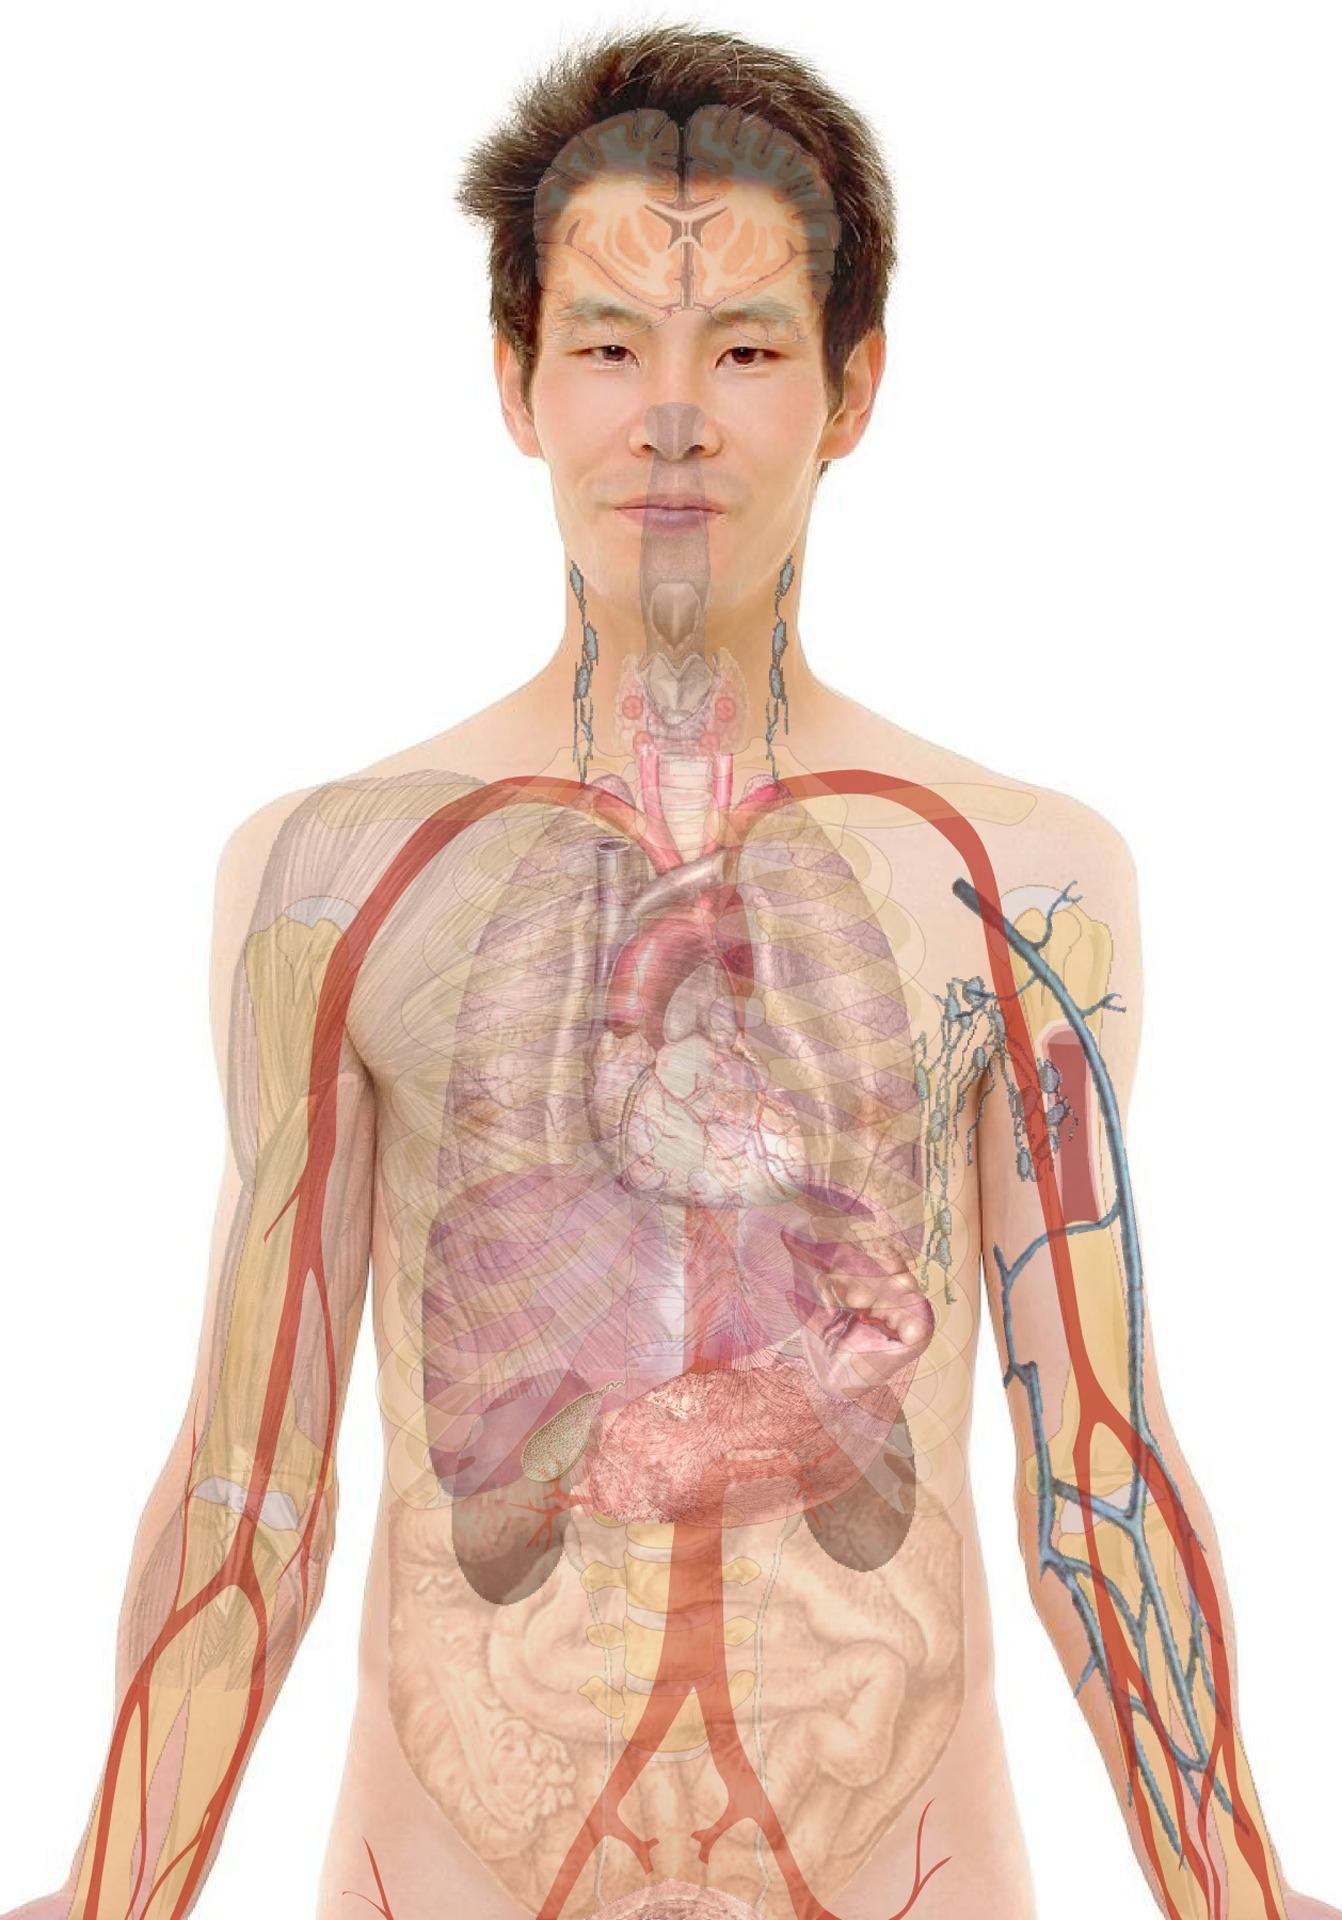 az emberi testben található paraziták